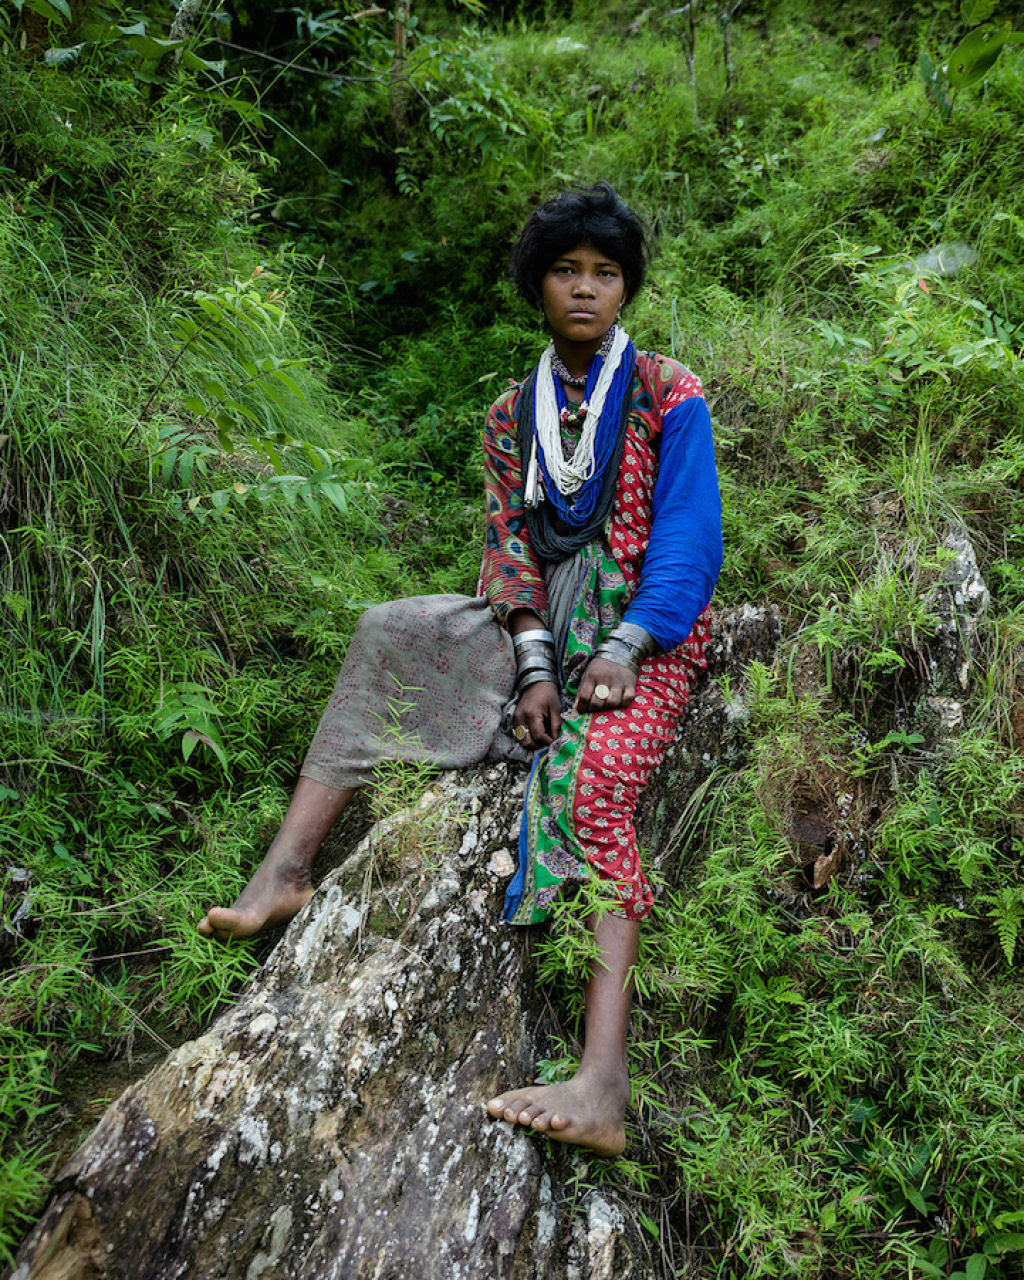 Fotógrafo documenta os últimos caçadores-coletores de tribo do Himalaia 03